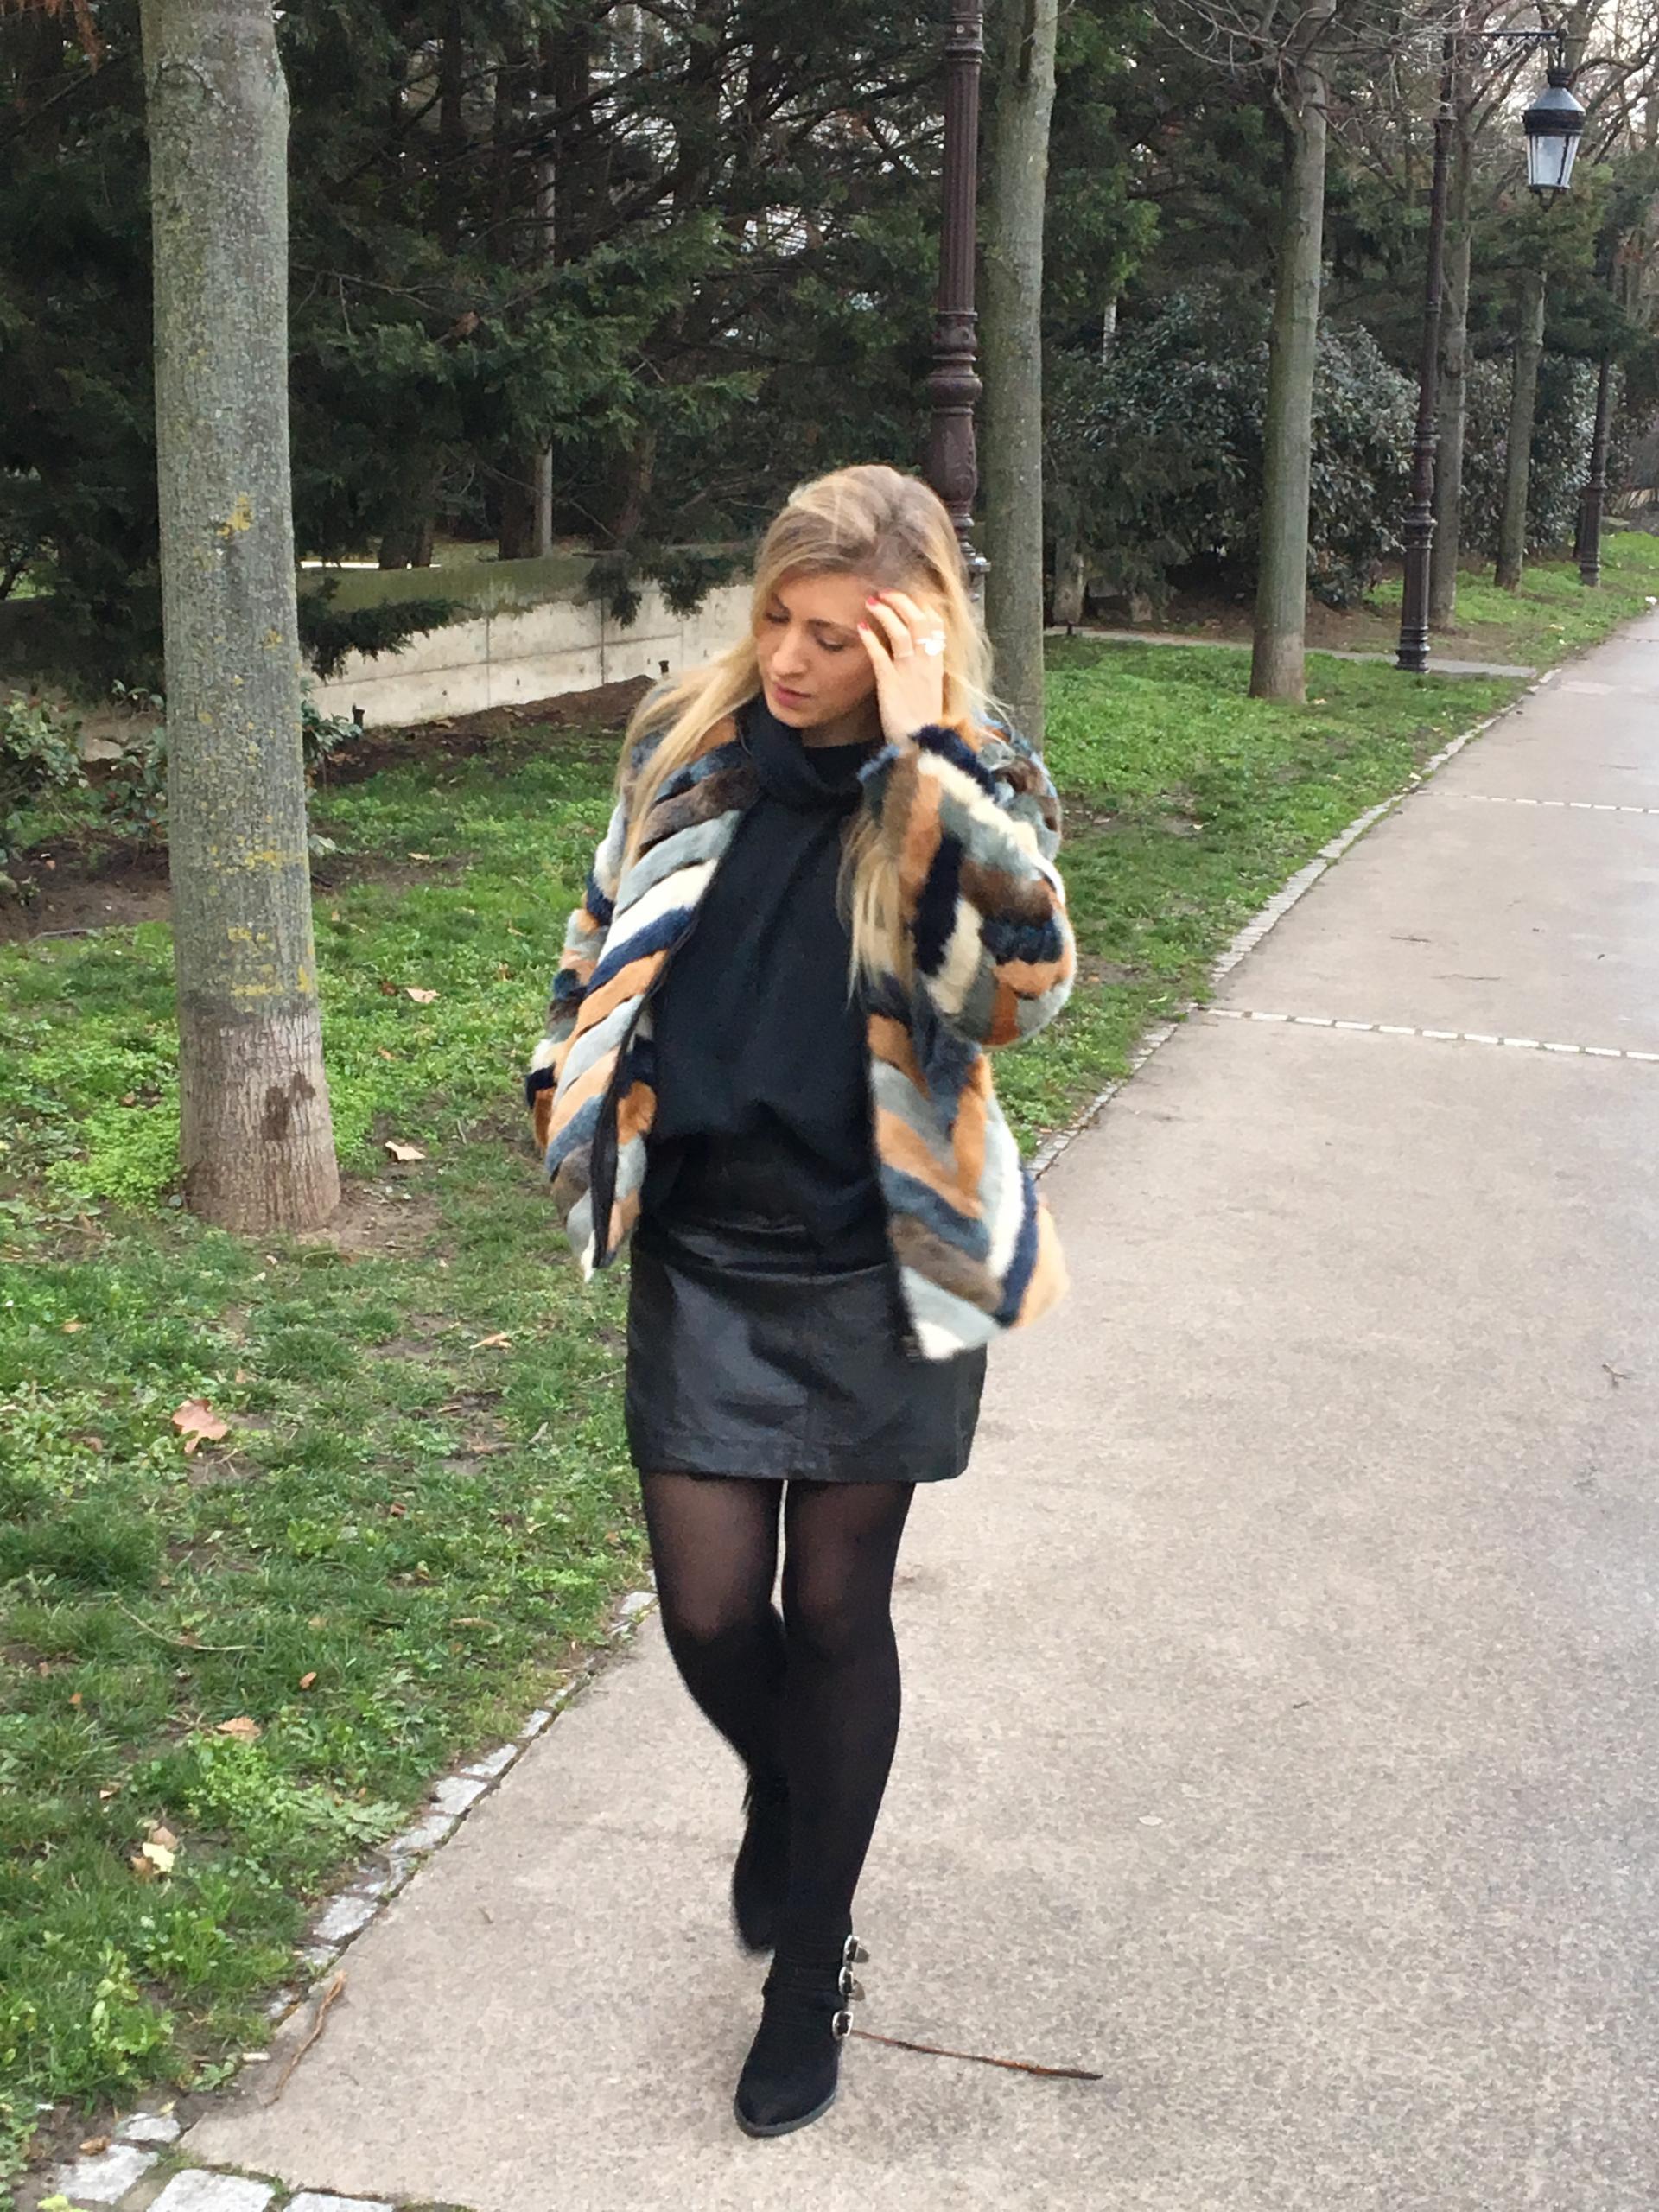 Mon beau manteau en fausse fourrure _ image 4